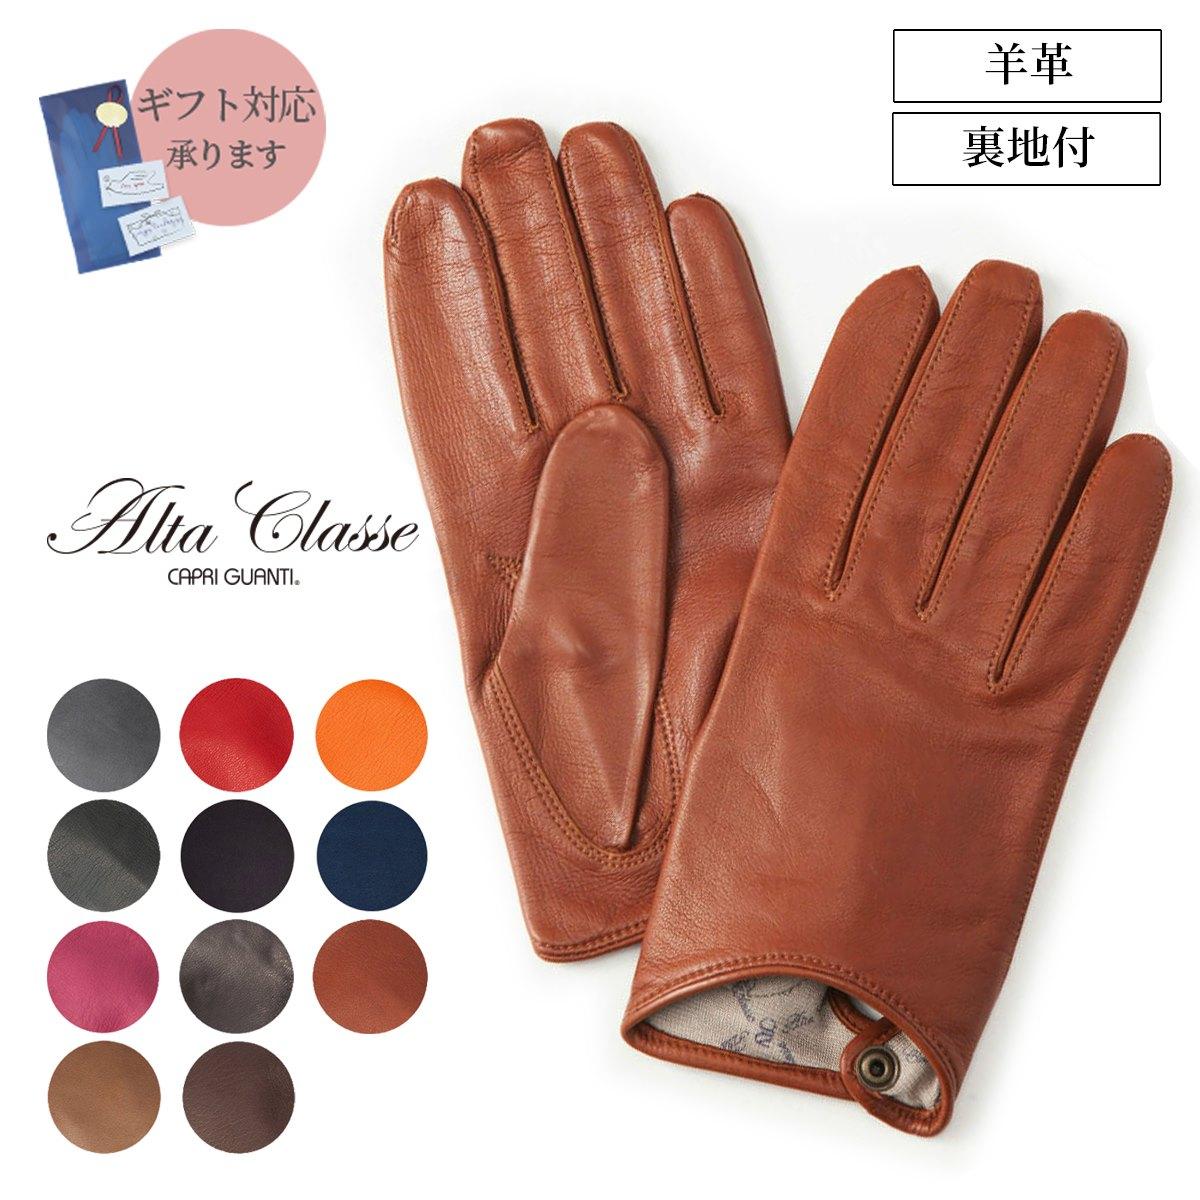 【キャッシュレス還元】【送料無料】アルタクラッセカプリガンティ裏地シルク100%メンズ男性用革手袋|てぶくろブラウンおしゃれビジネス